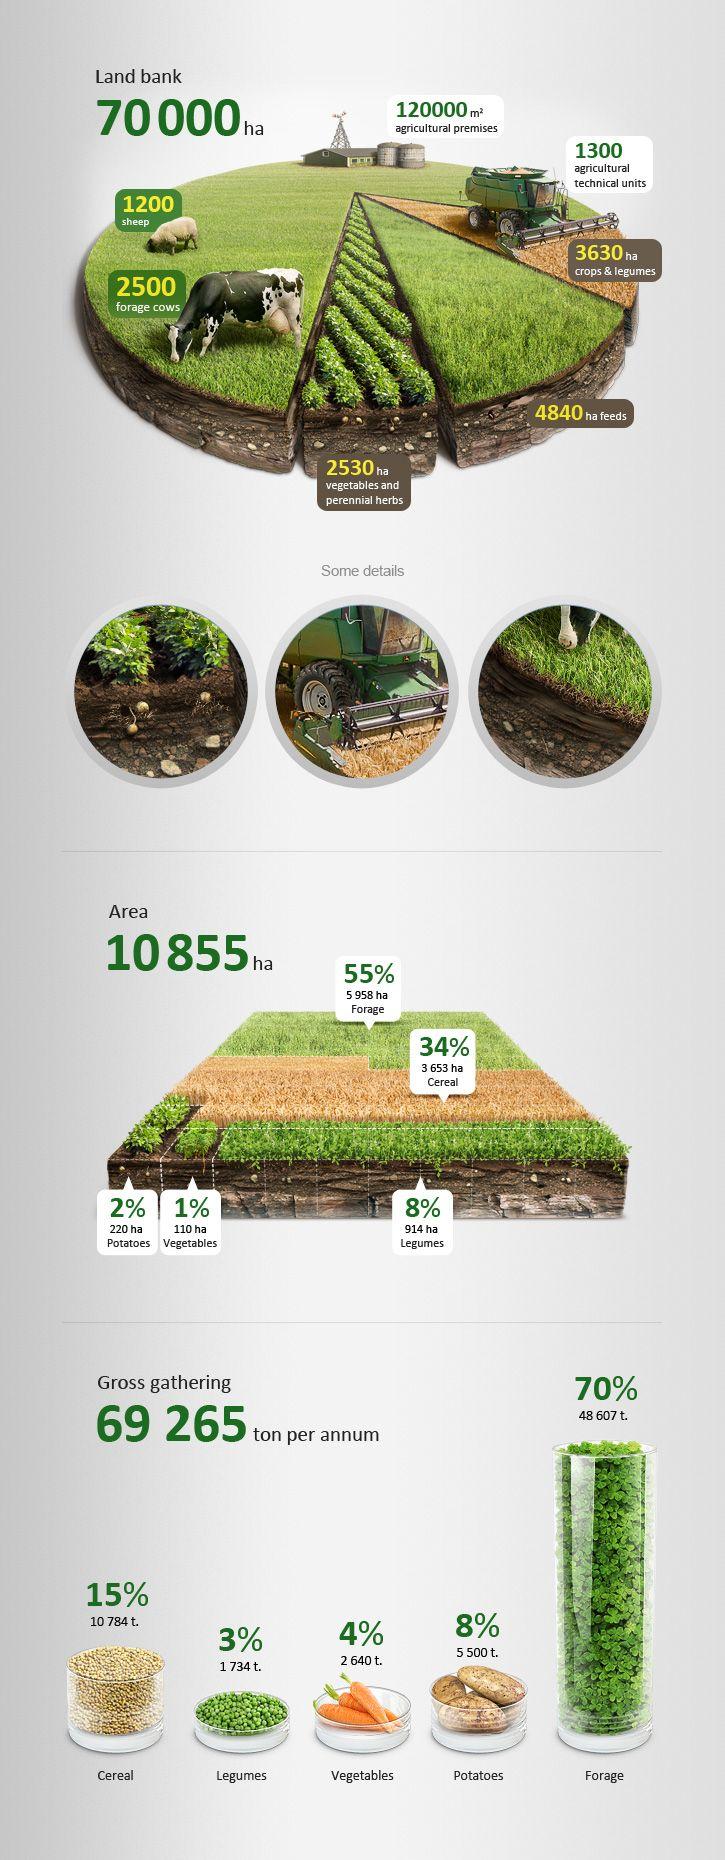 Активы сельскохозяйственного холдинга в виде инфографики